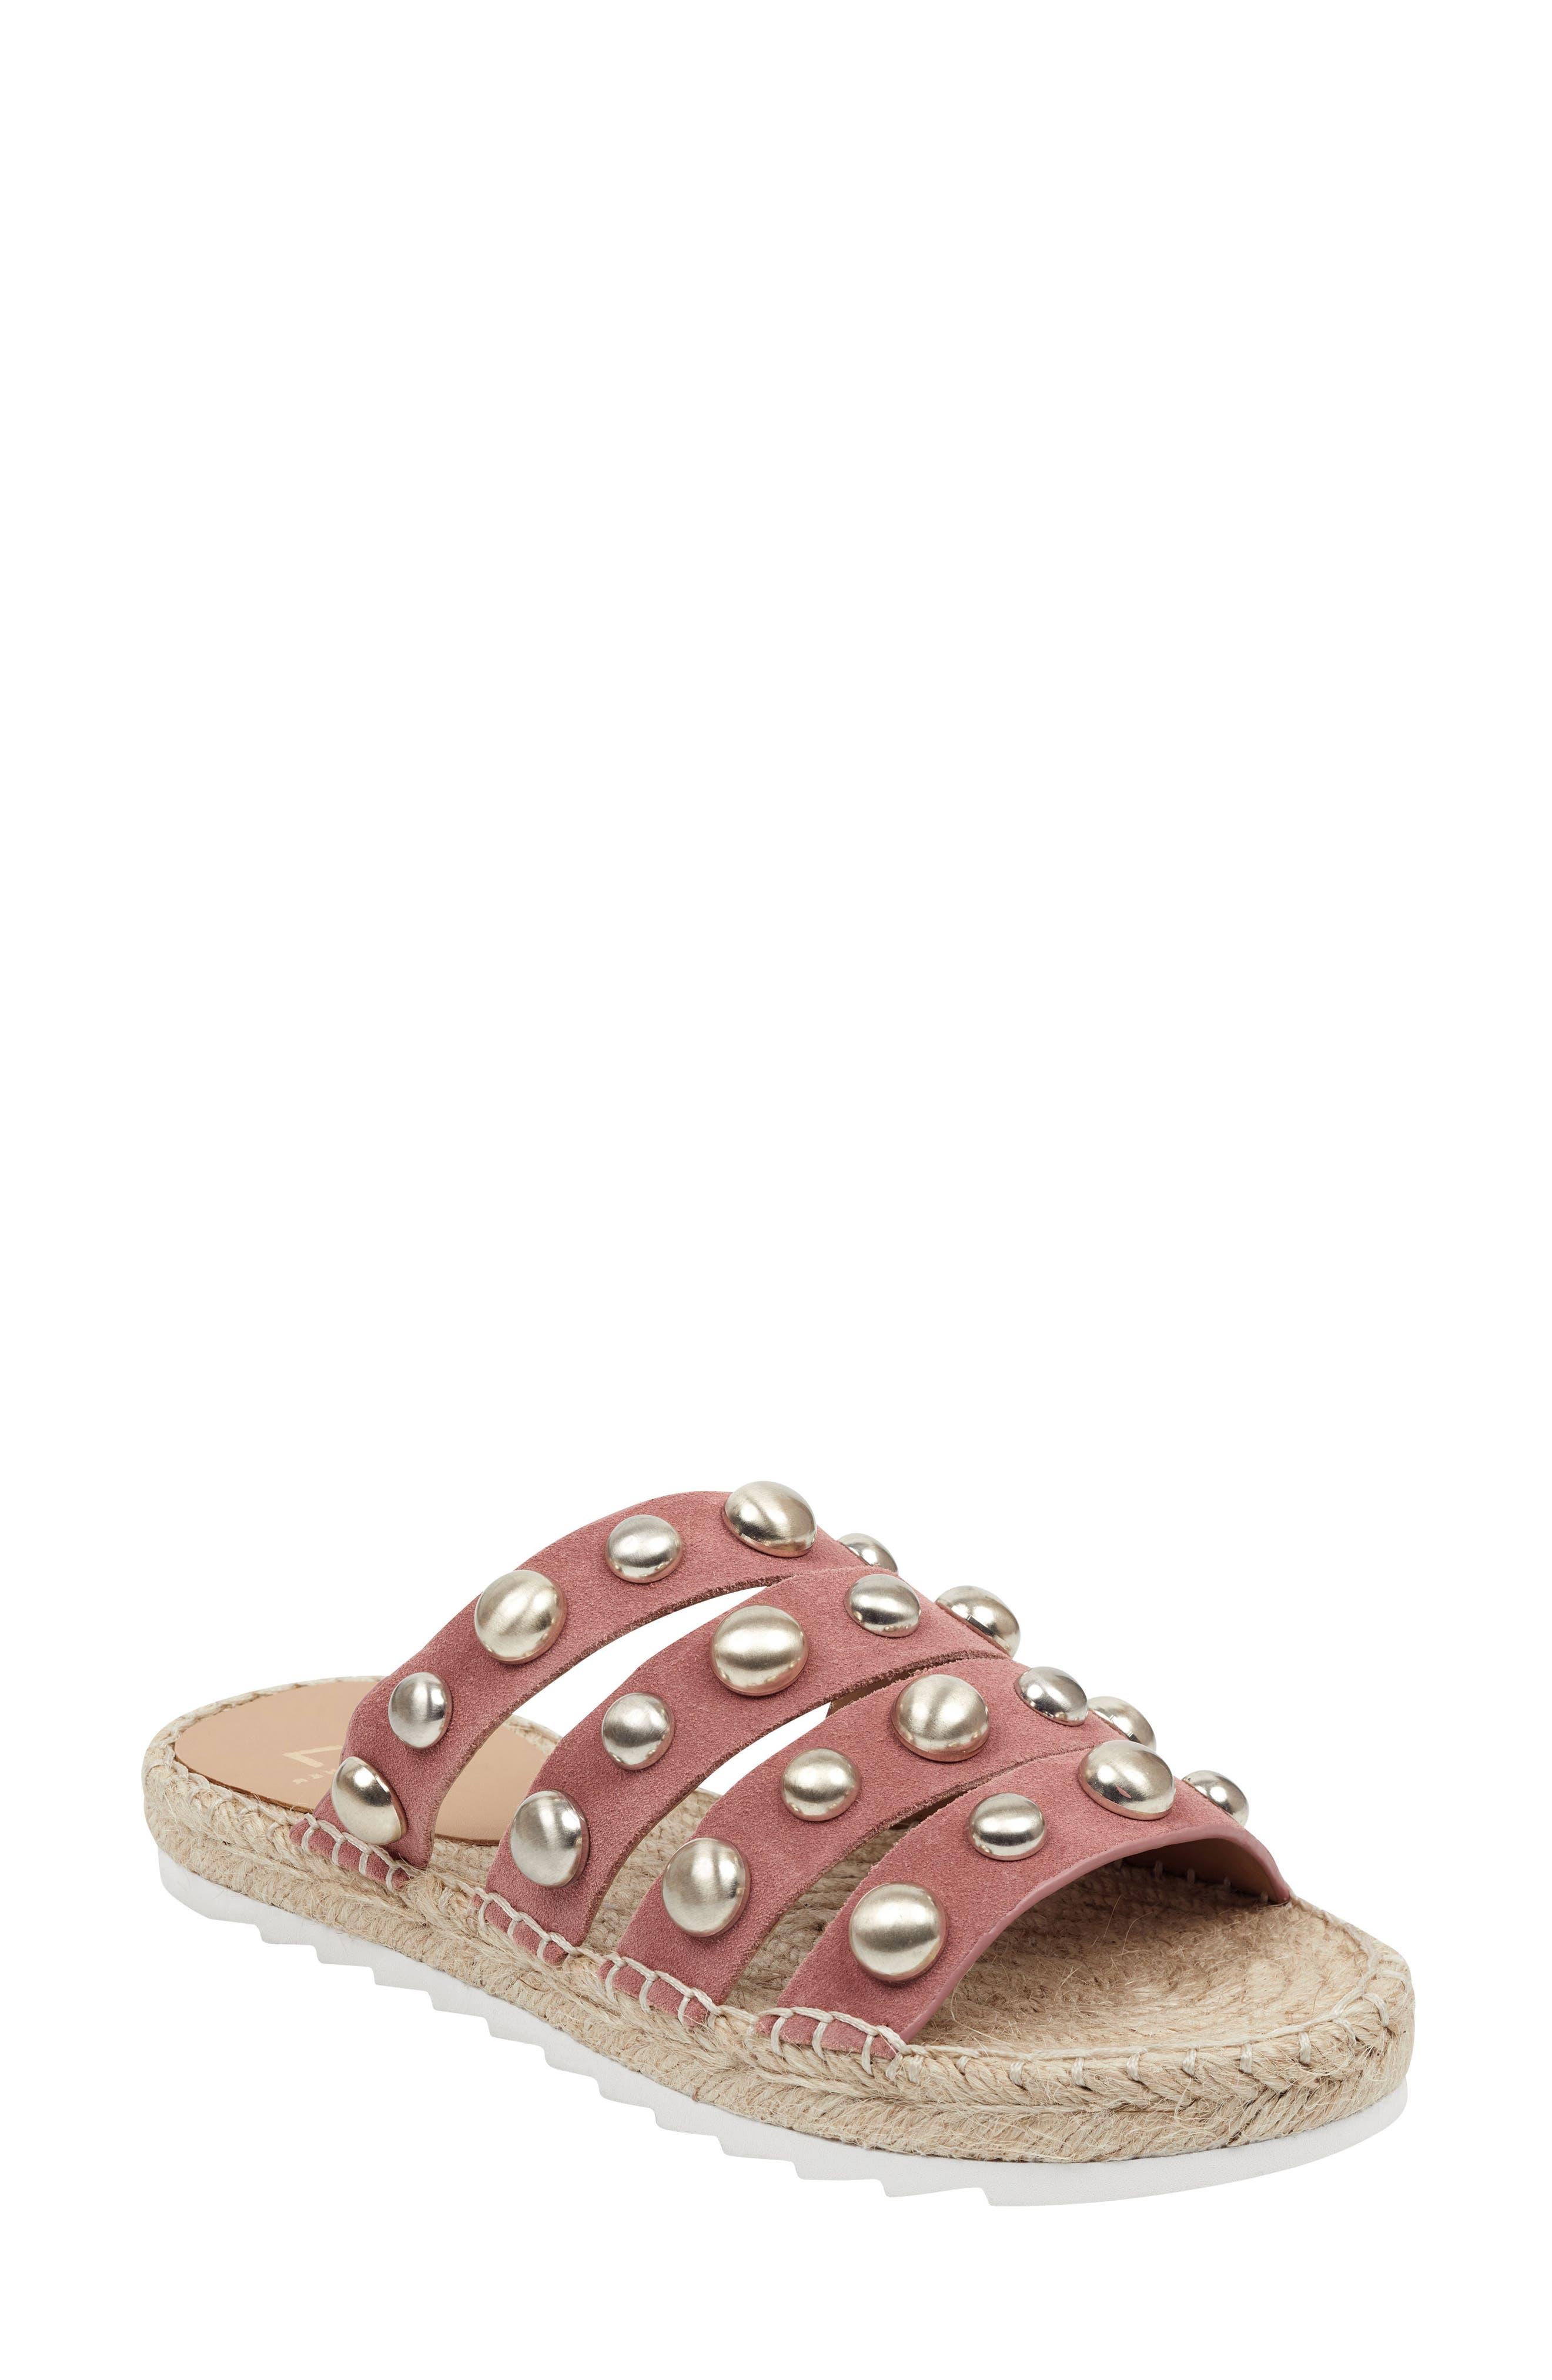 Marc Fisher Ltd Brandie Strappy Studded Slide Sandal- Pink